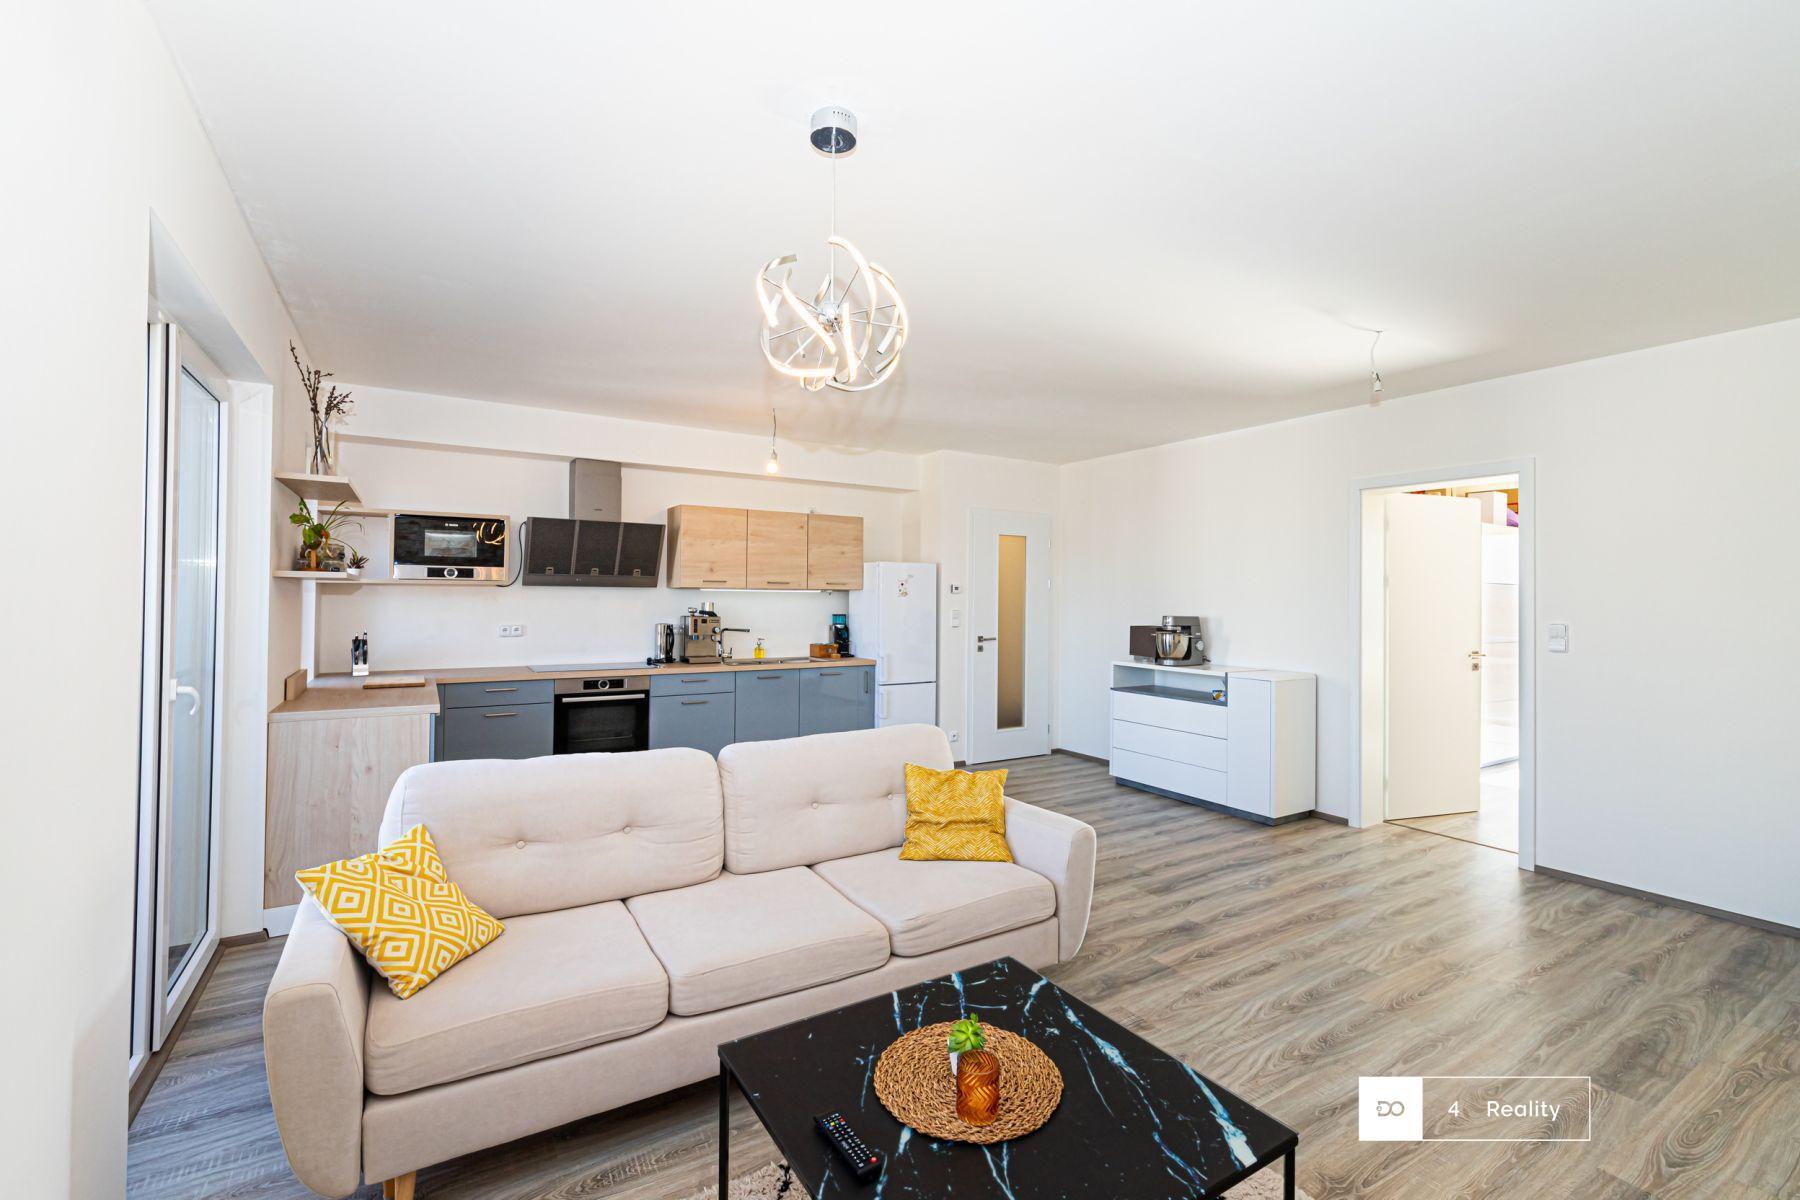 Pronájem atraktivní bytové jednotky 2+kk, 74 m2, 16 500,- Kč, Klíčnay